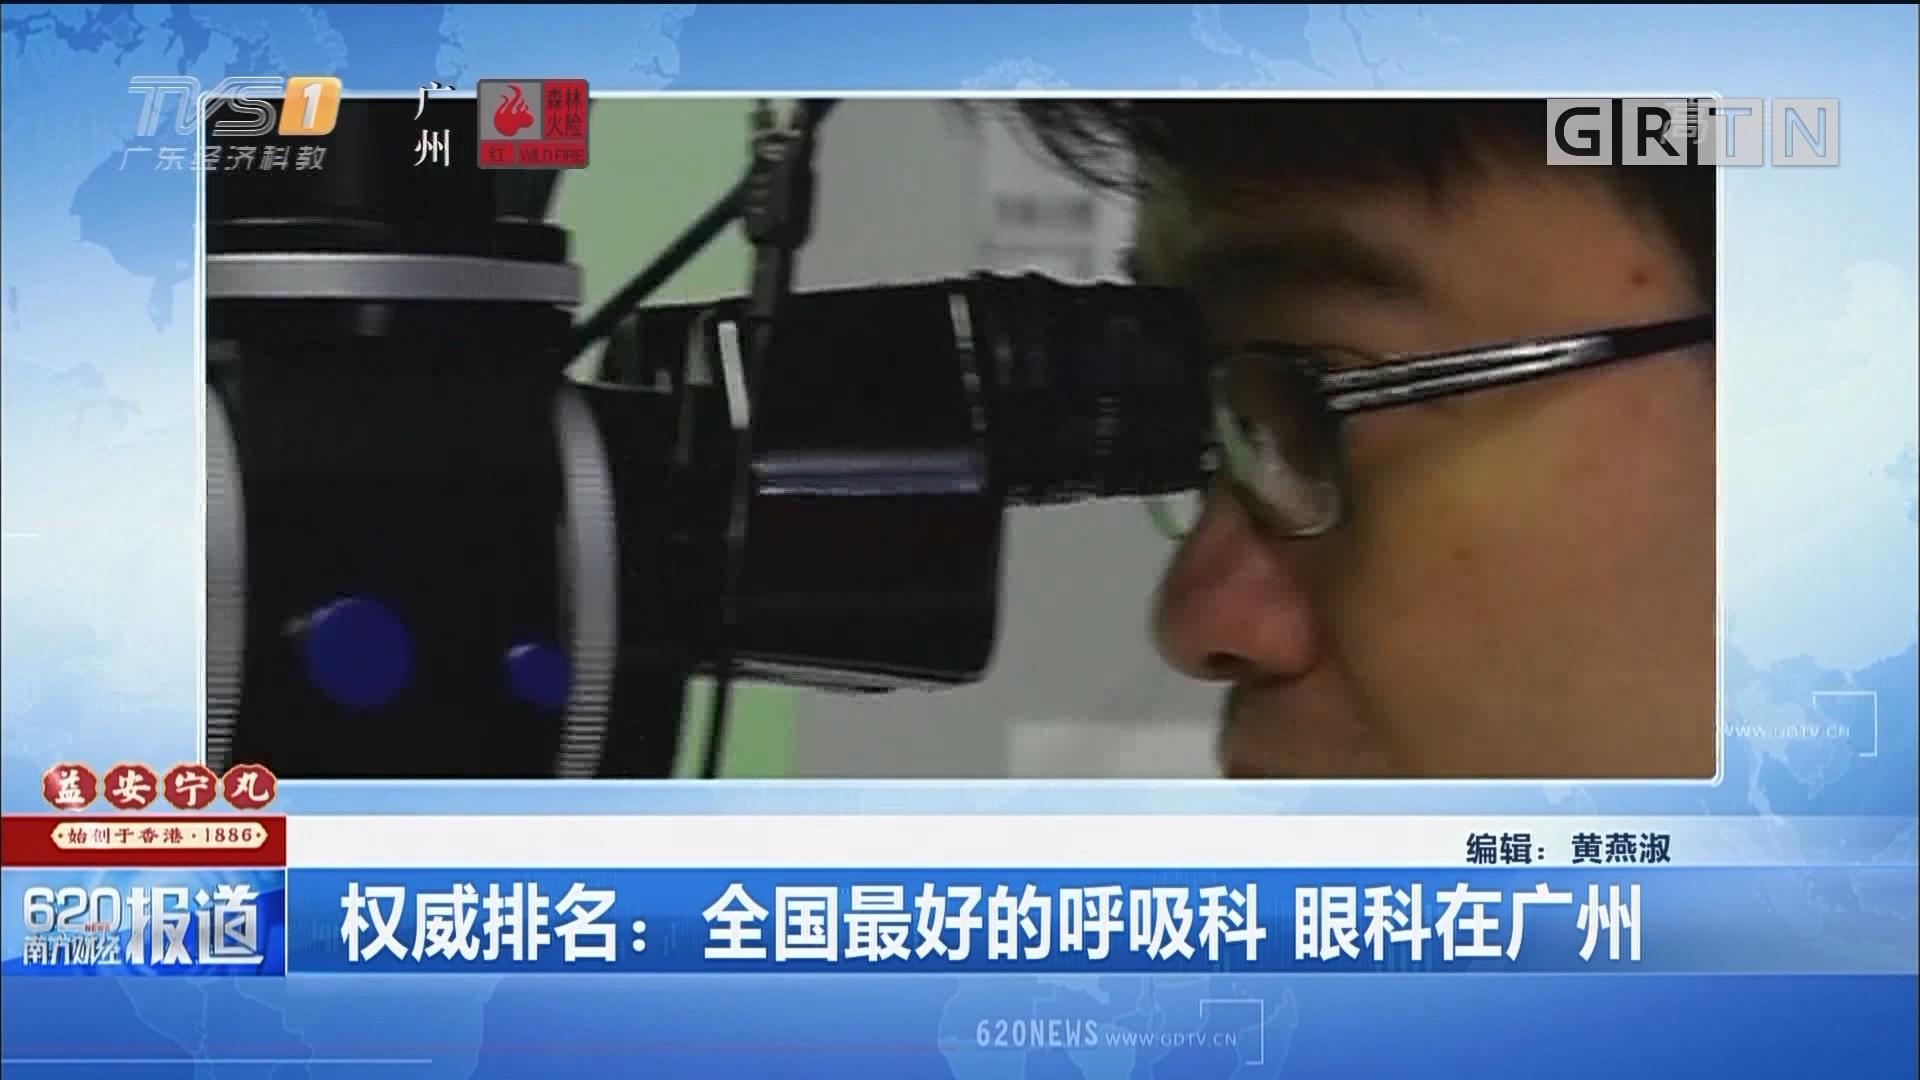 权威排名:全国最好的呼吸科 眼科在广州